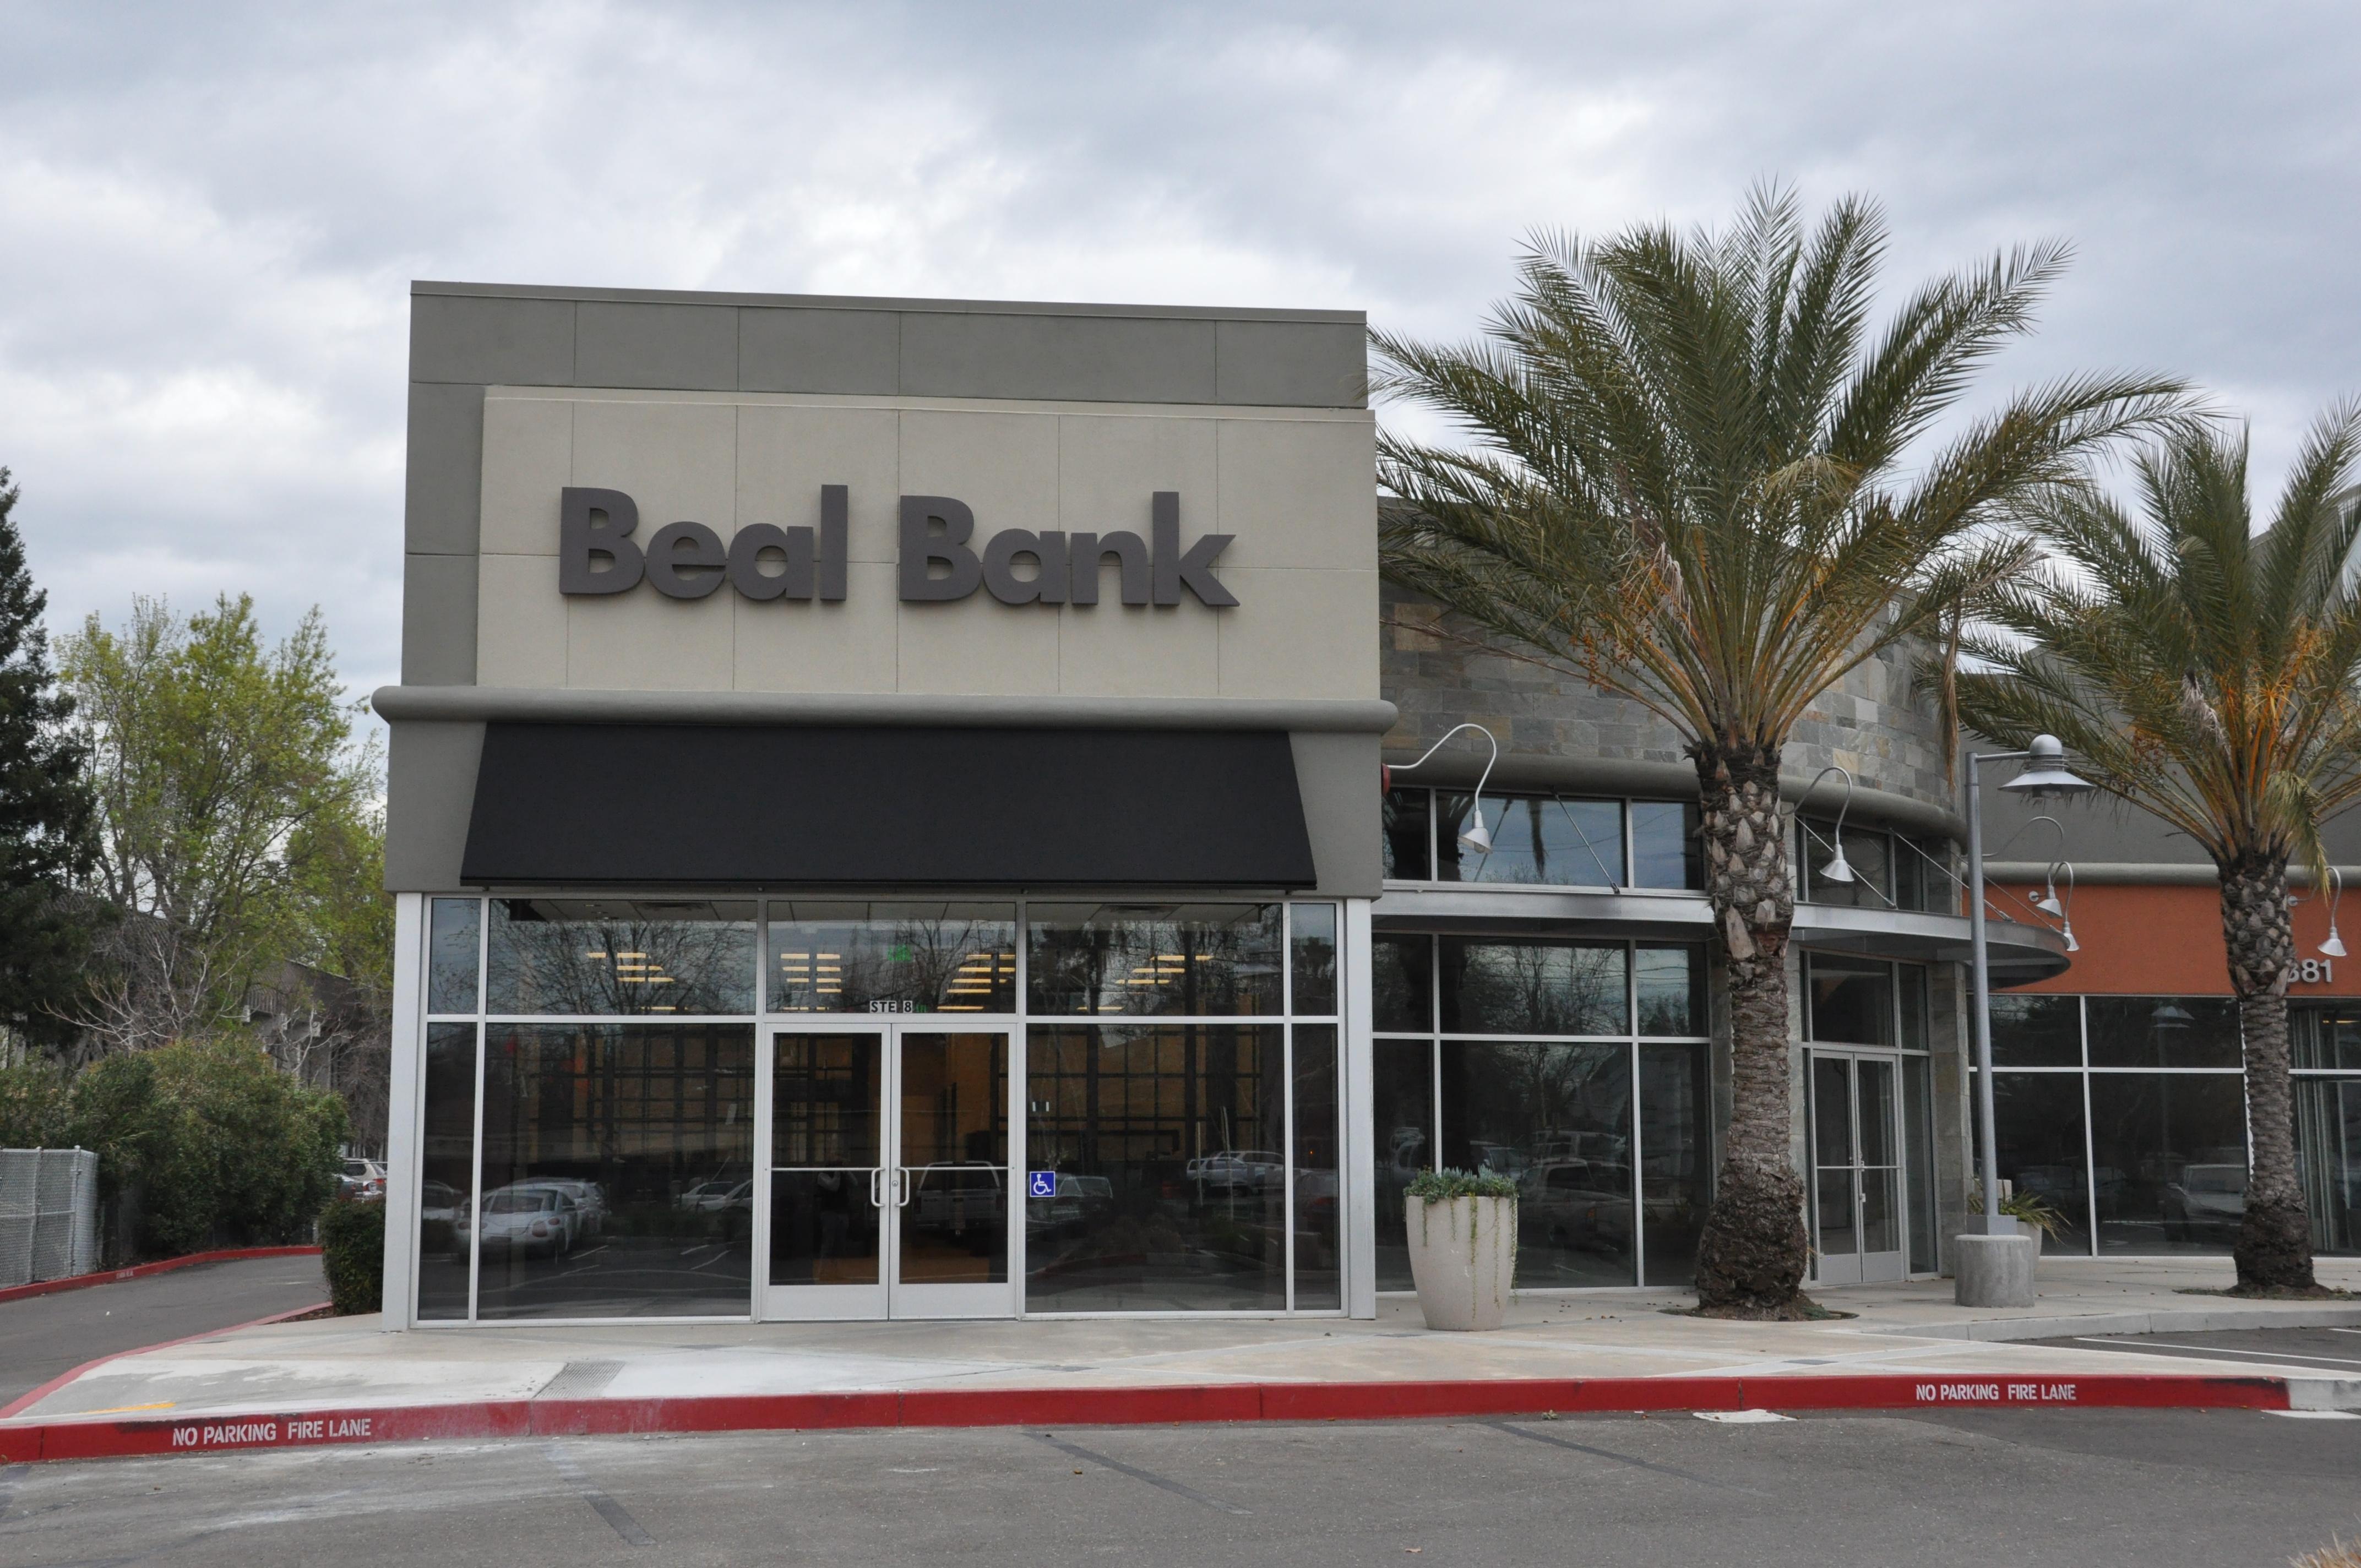 Beal Bank 1